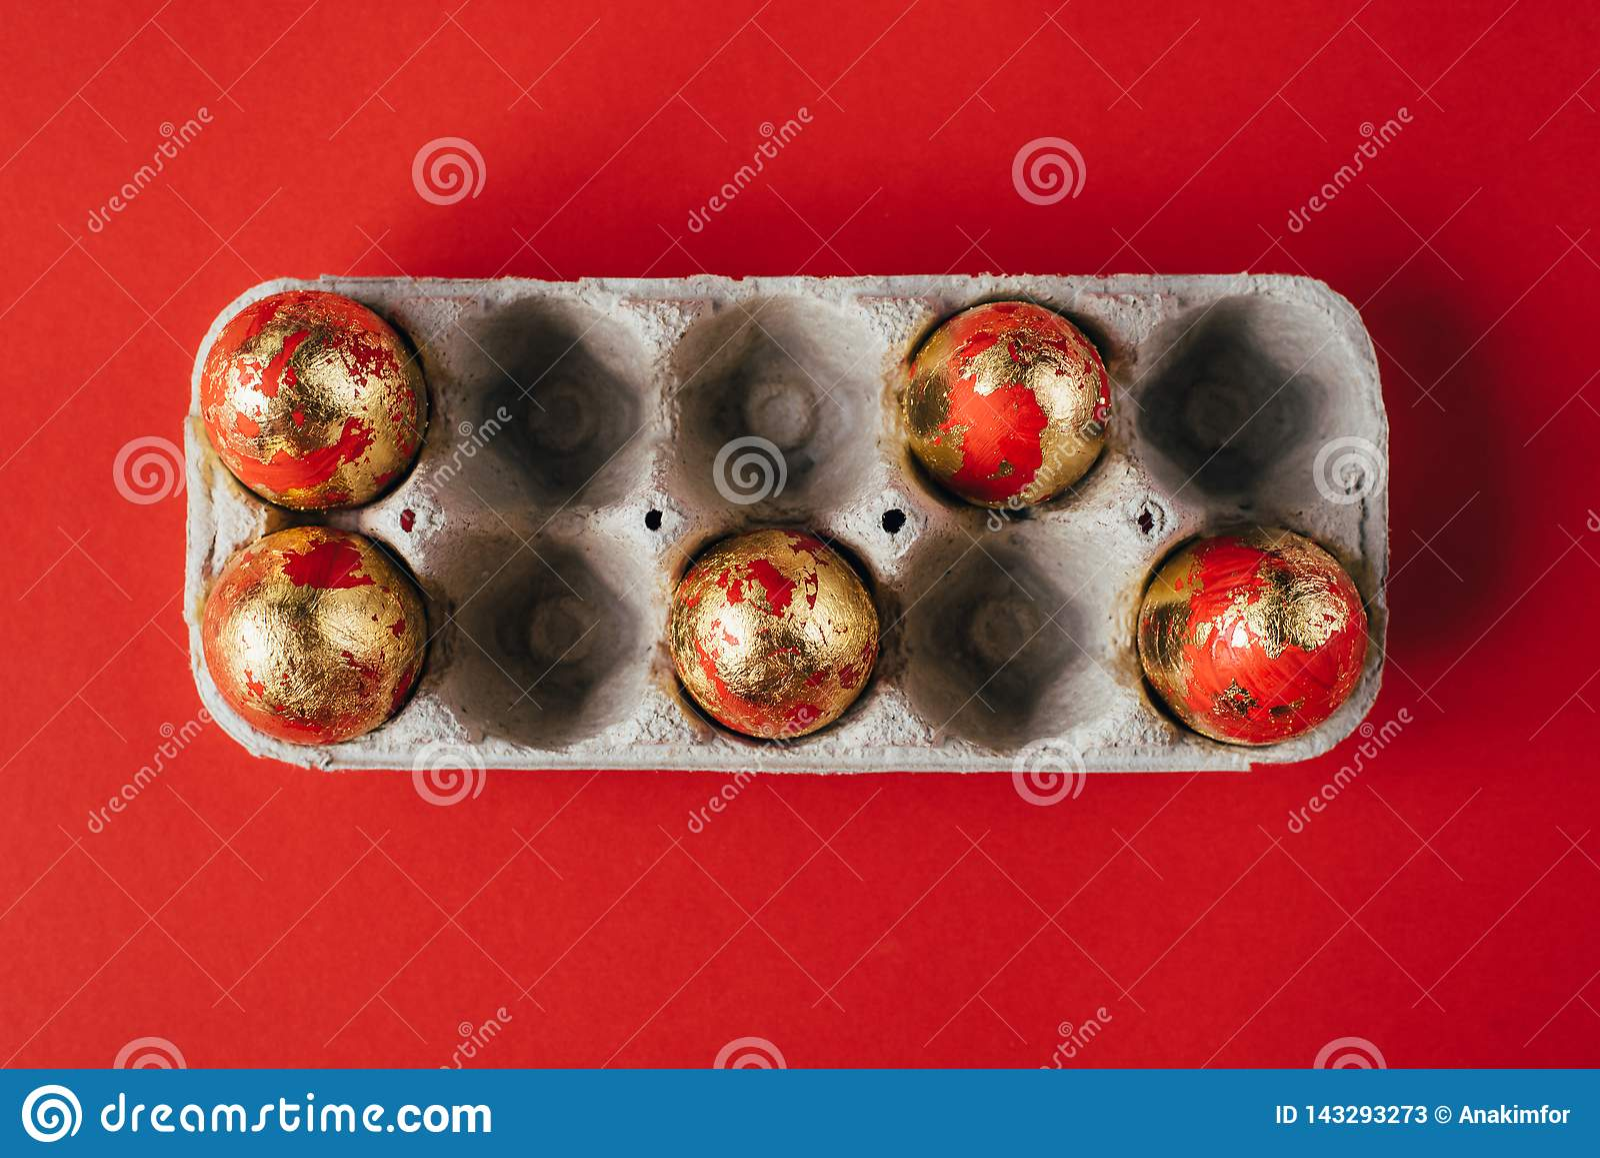 Sechs goldenes gefärbt und verziert mit Scheine Ostereiern im Pappeikasten